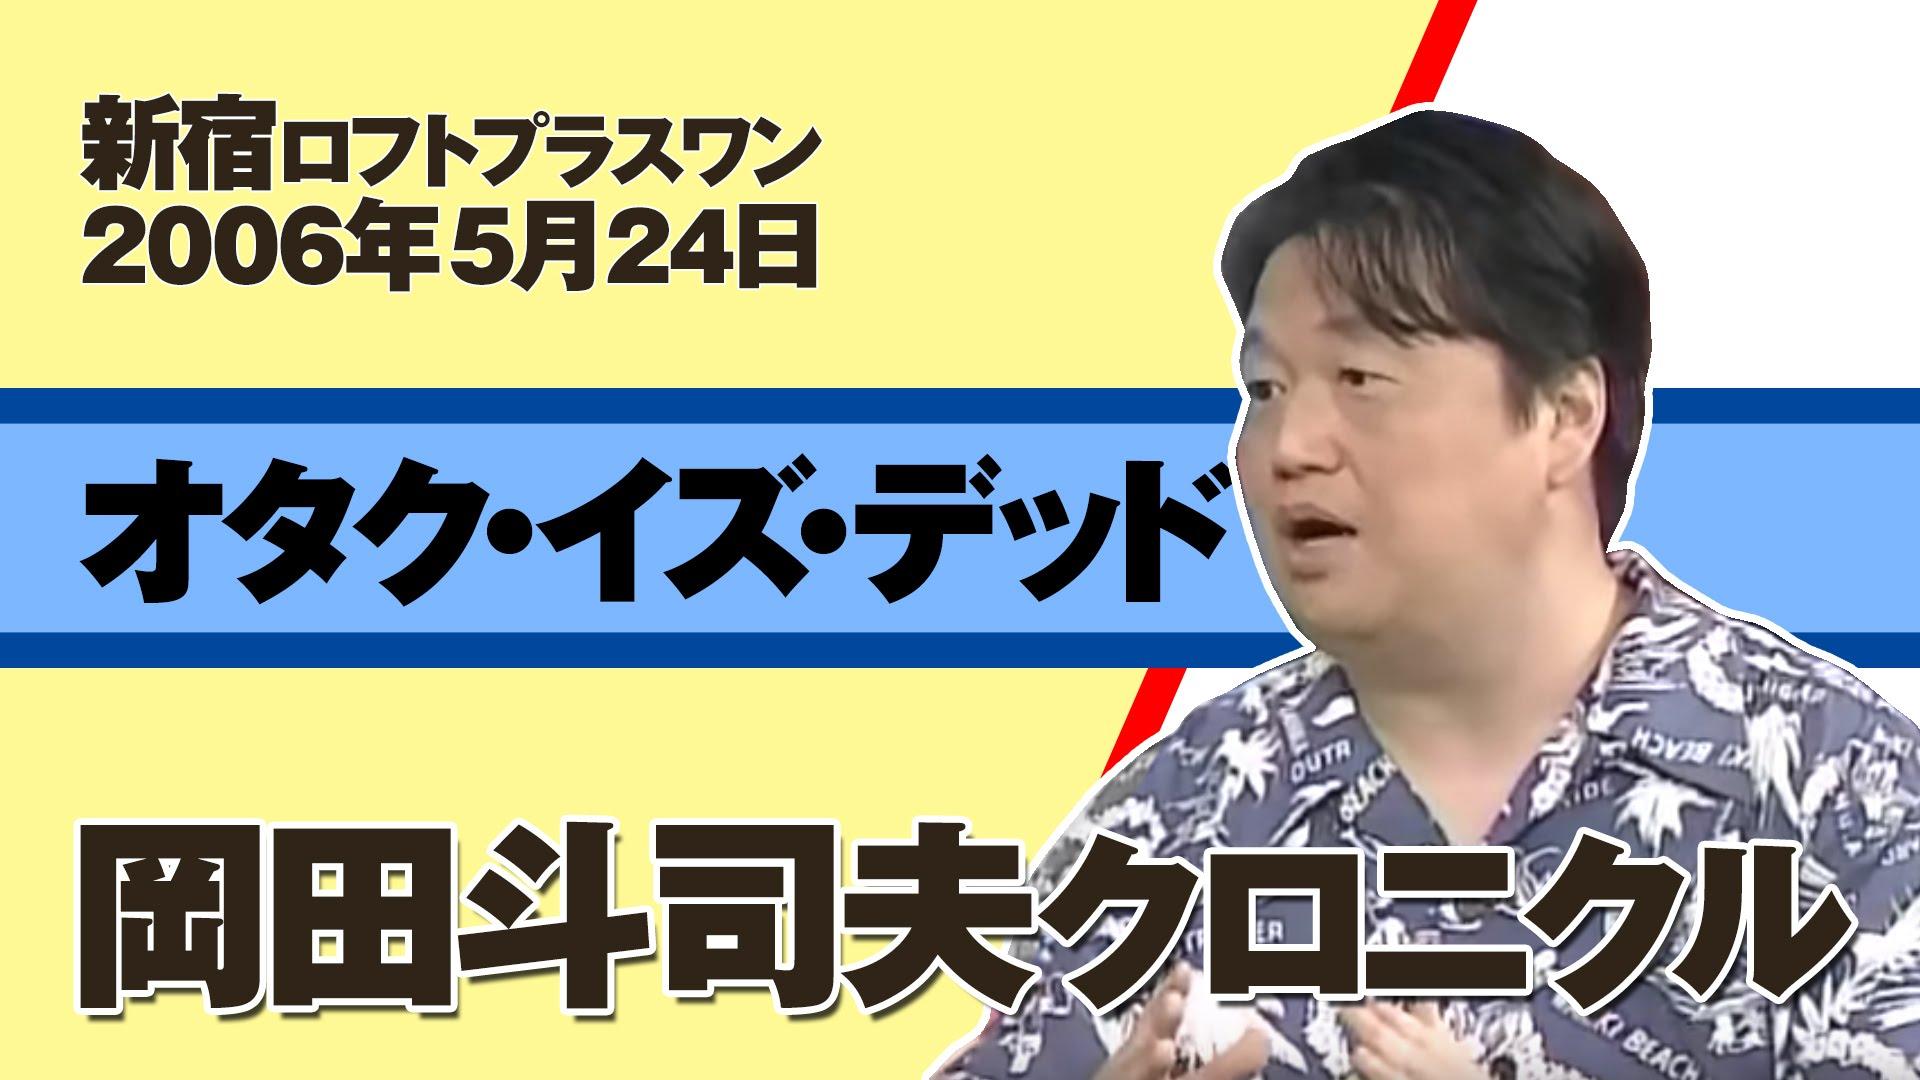 オタク・イズ・デッド  岡田斗司夫クロニクル2006/5/24